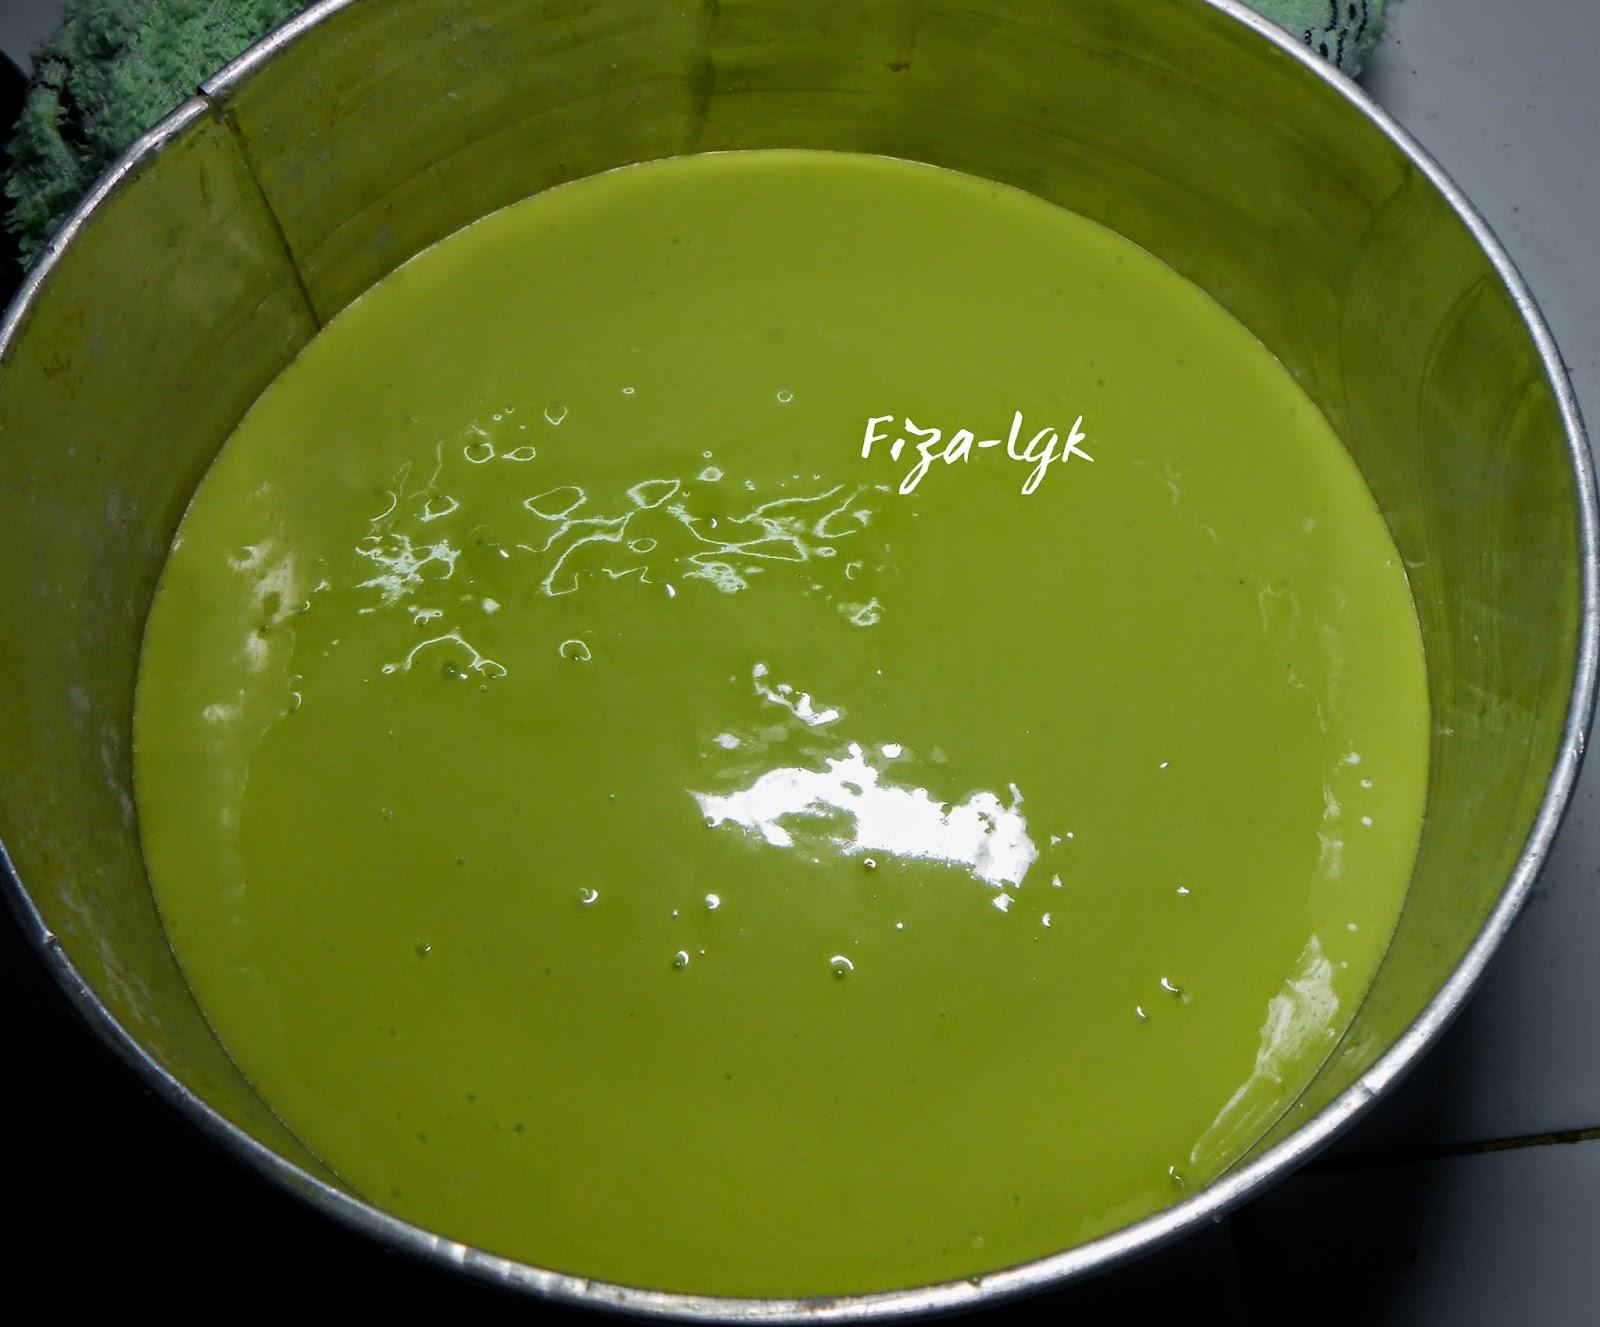 resepi kek pandan kukus mudah resepi membuat kuih Resepi Kek Span Vannila Tanpa Ovelette Enak dan Mudah